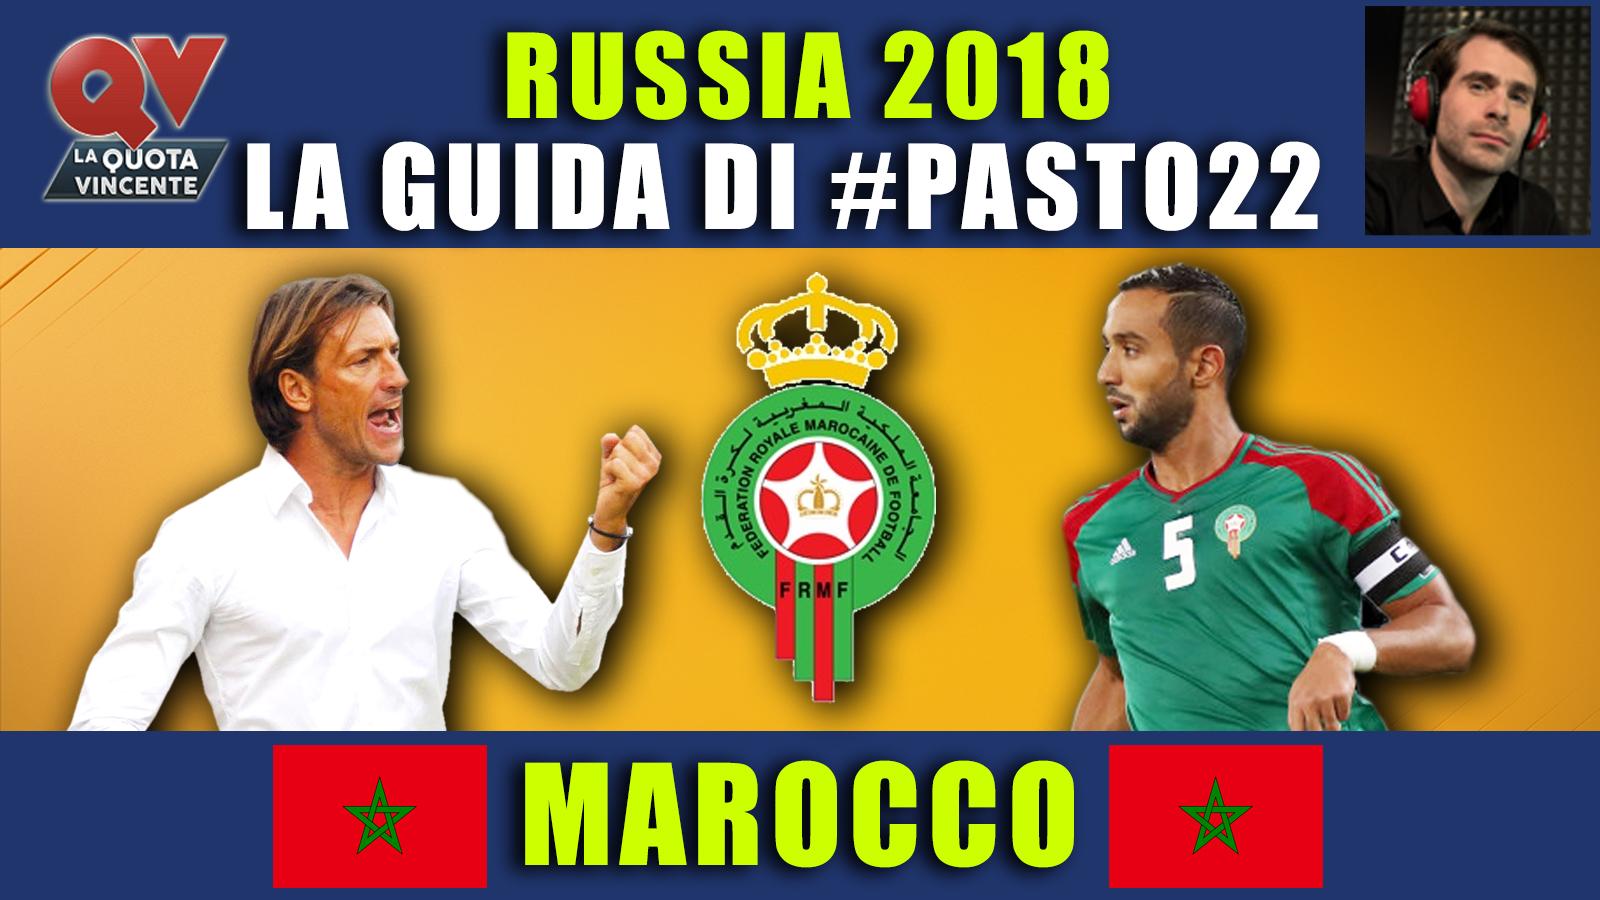 Guida Mondiali Russia 2018 Marocco